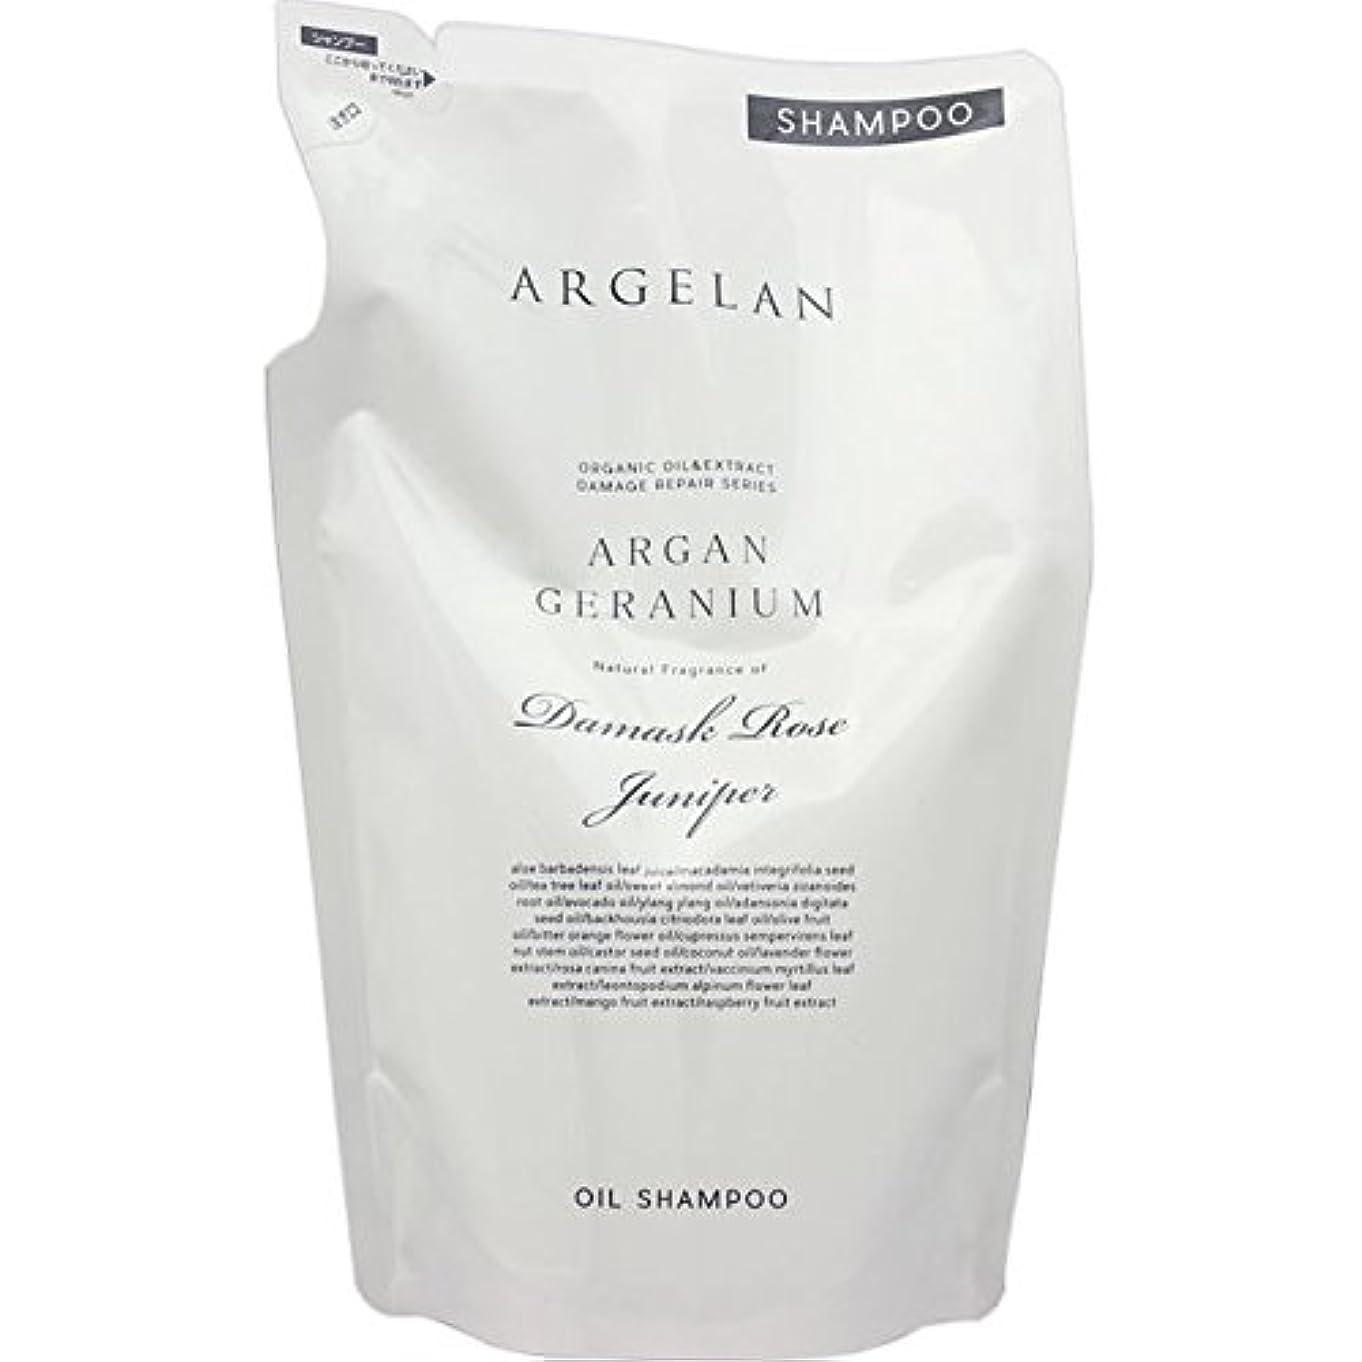 物理的に気難しい髄アルジェラン オーガニック 手搾りアルガン オイル シャンプー 詰替え用 400ml詰替